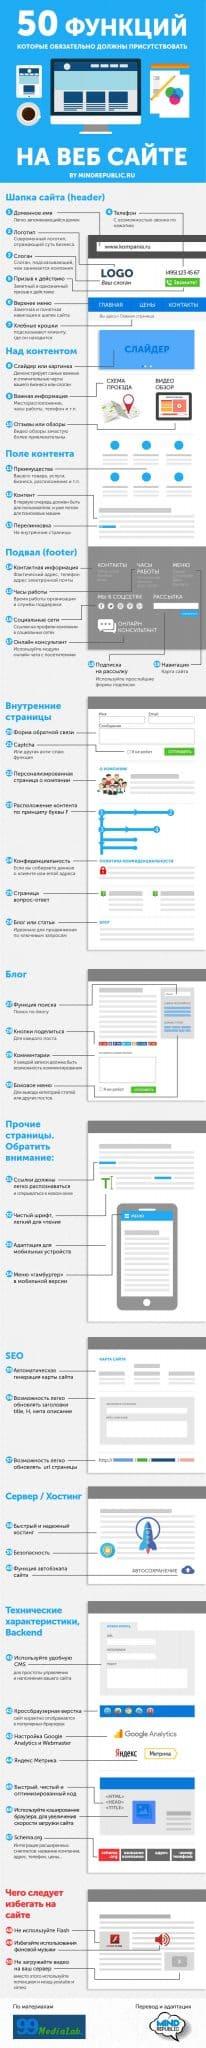 Заказать сайт. Разработка веб дизайна сайта Инфографика. дизайн сайтов в Москве